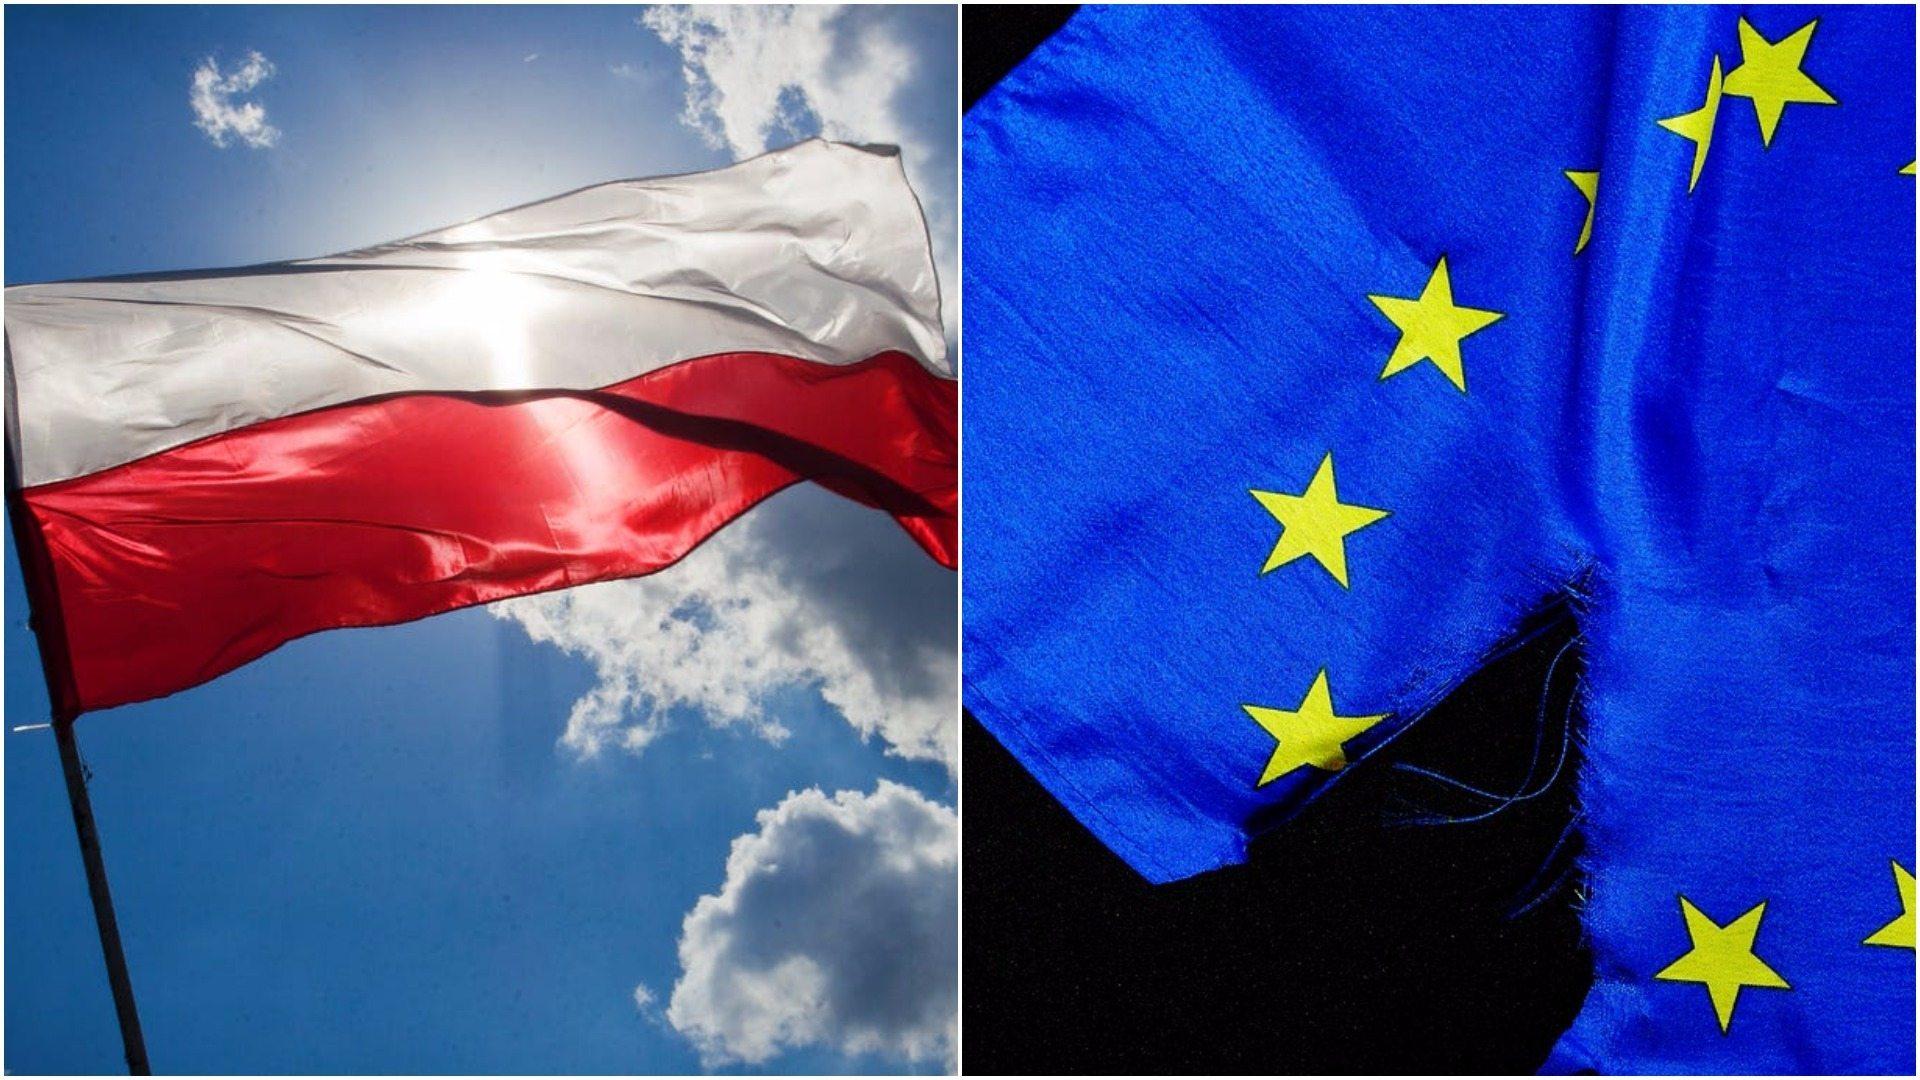 Najpierw Brexit, teraz... POLEXIT. To już się dzieje, głośny głos o wyrzuceniu Polski z Unii